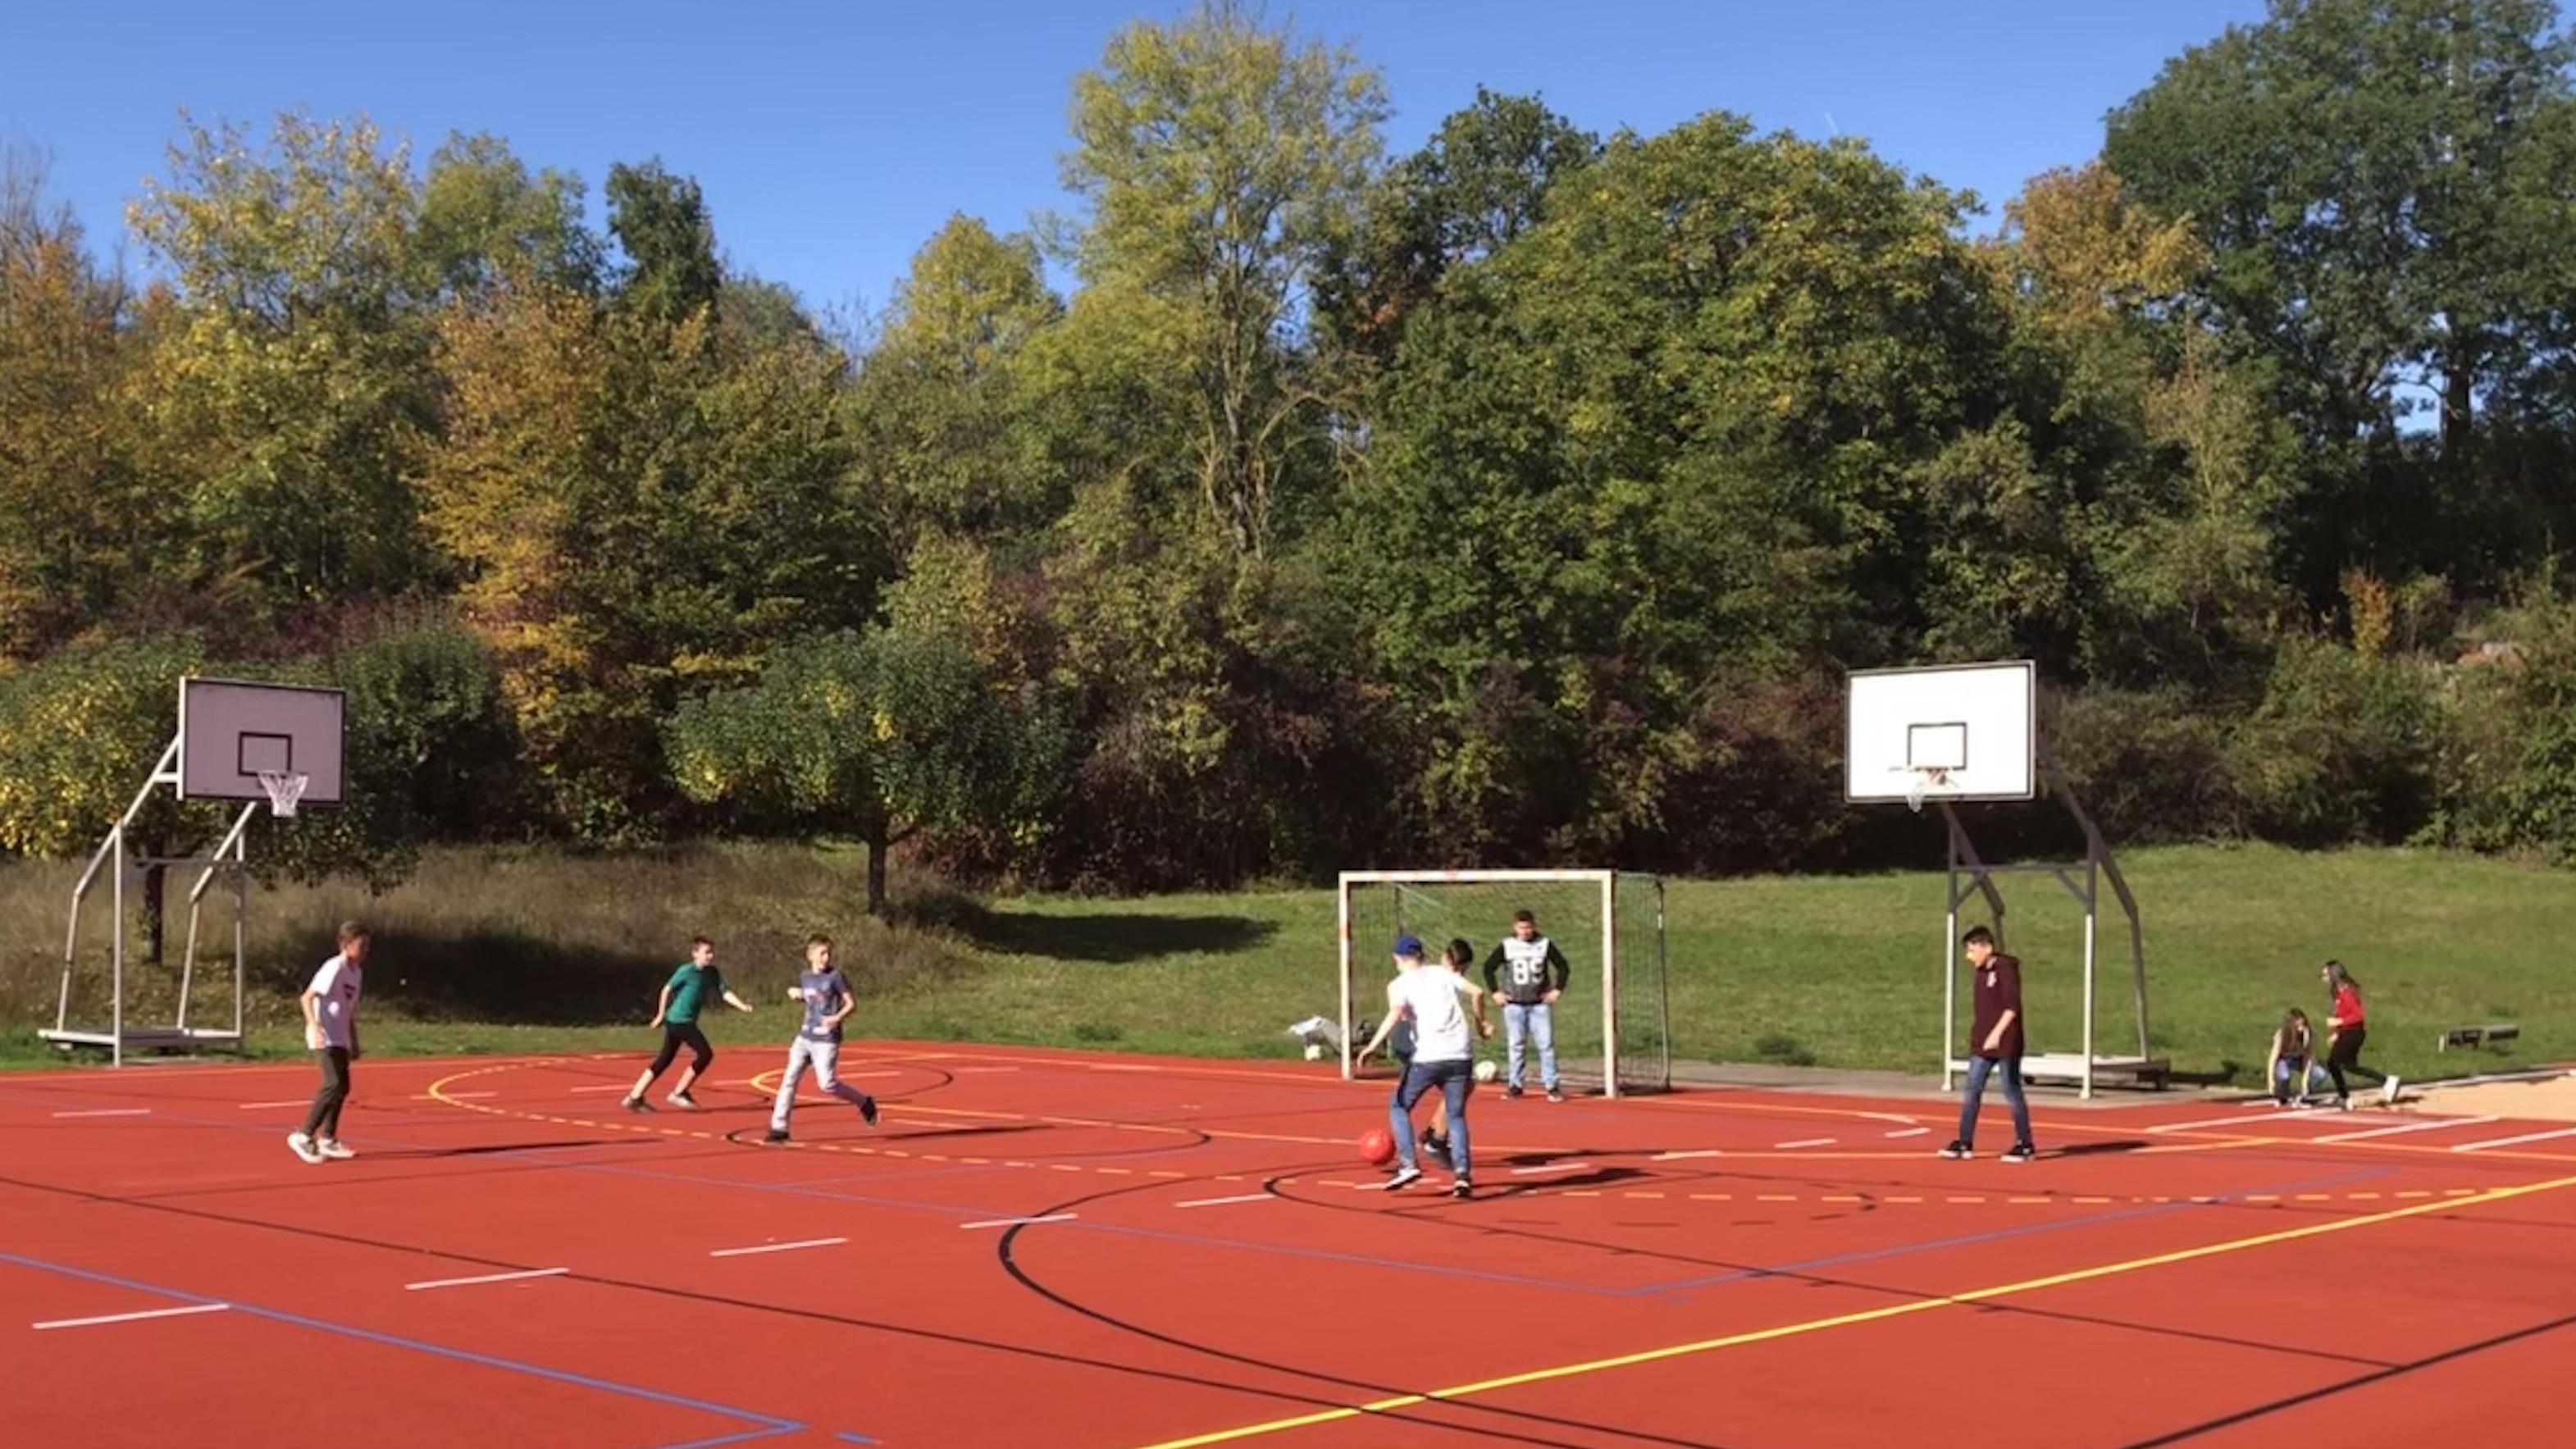 Fußball spielen im Mittagsband.